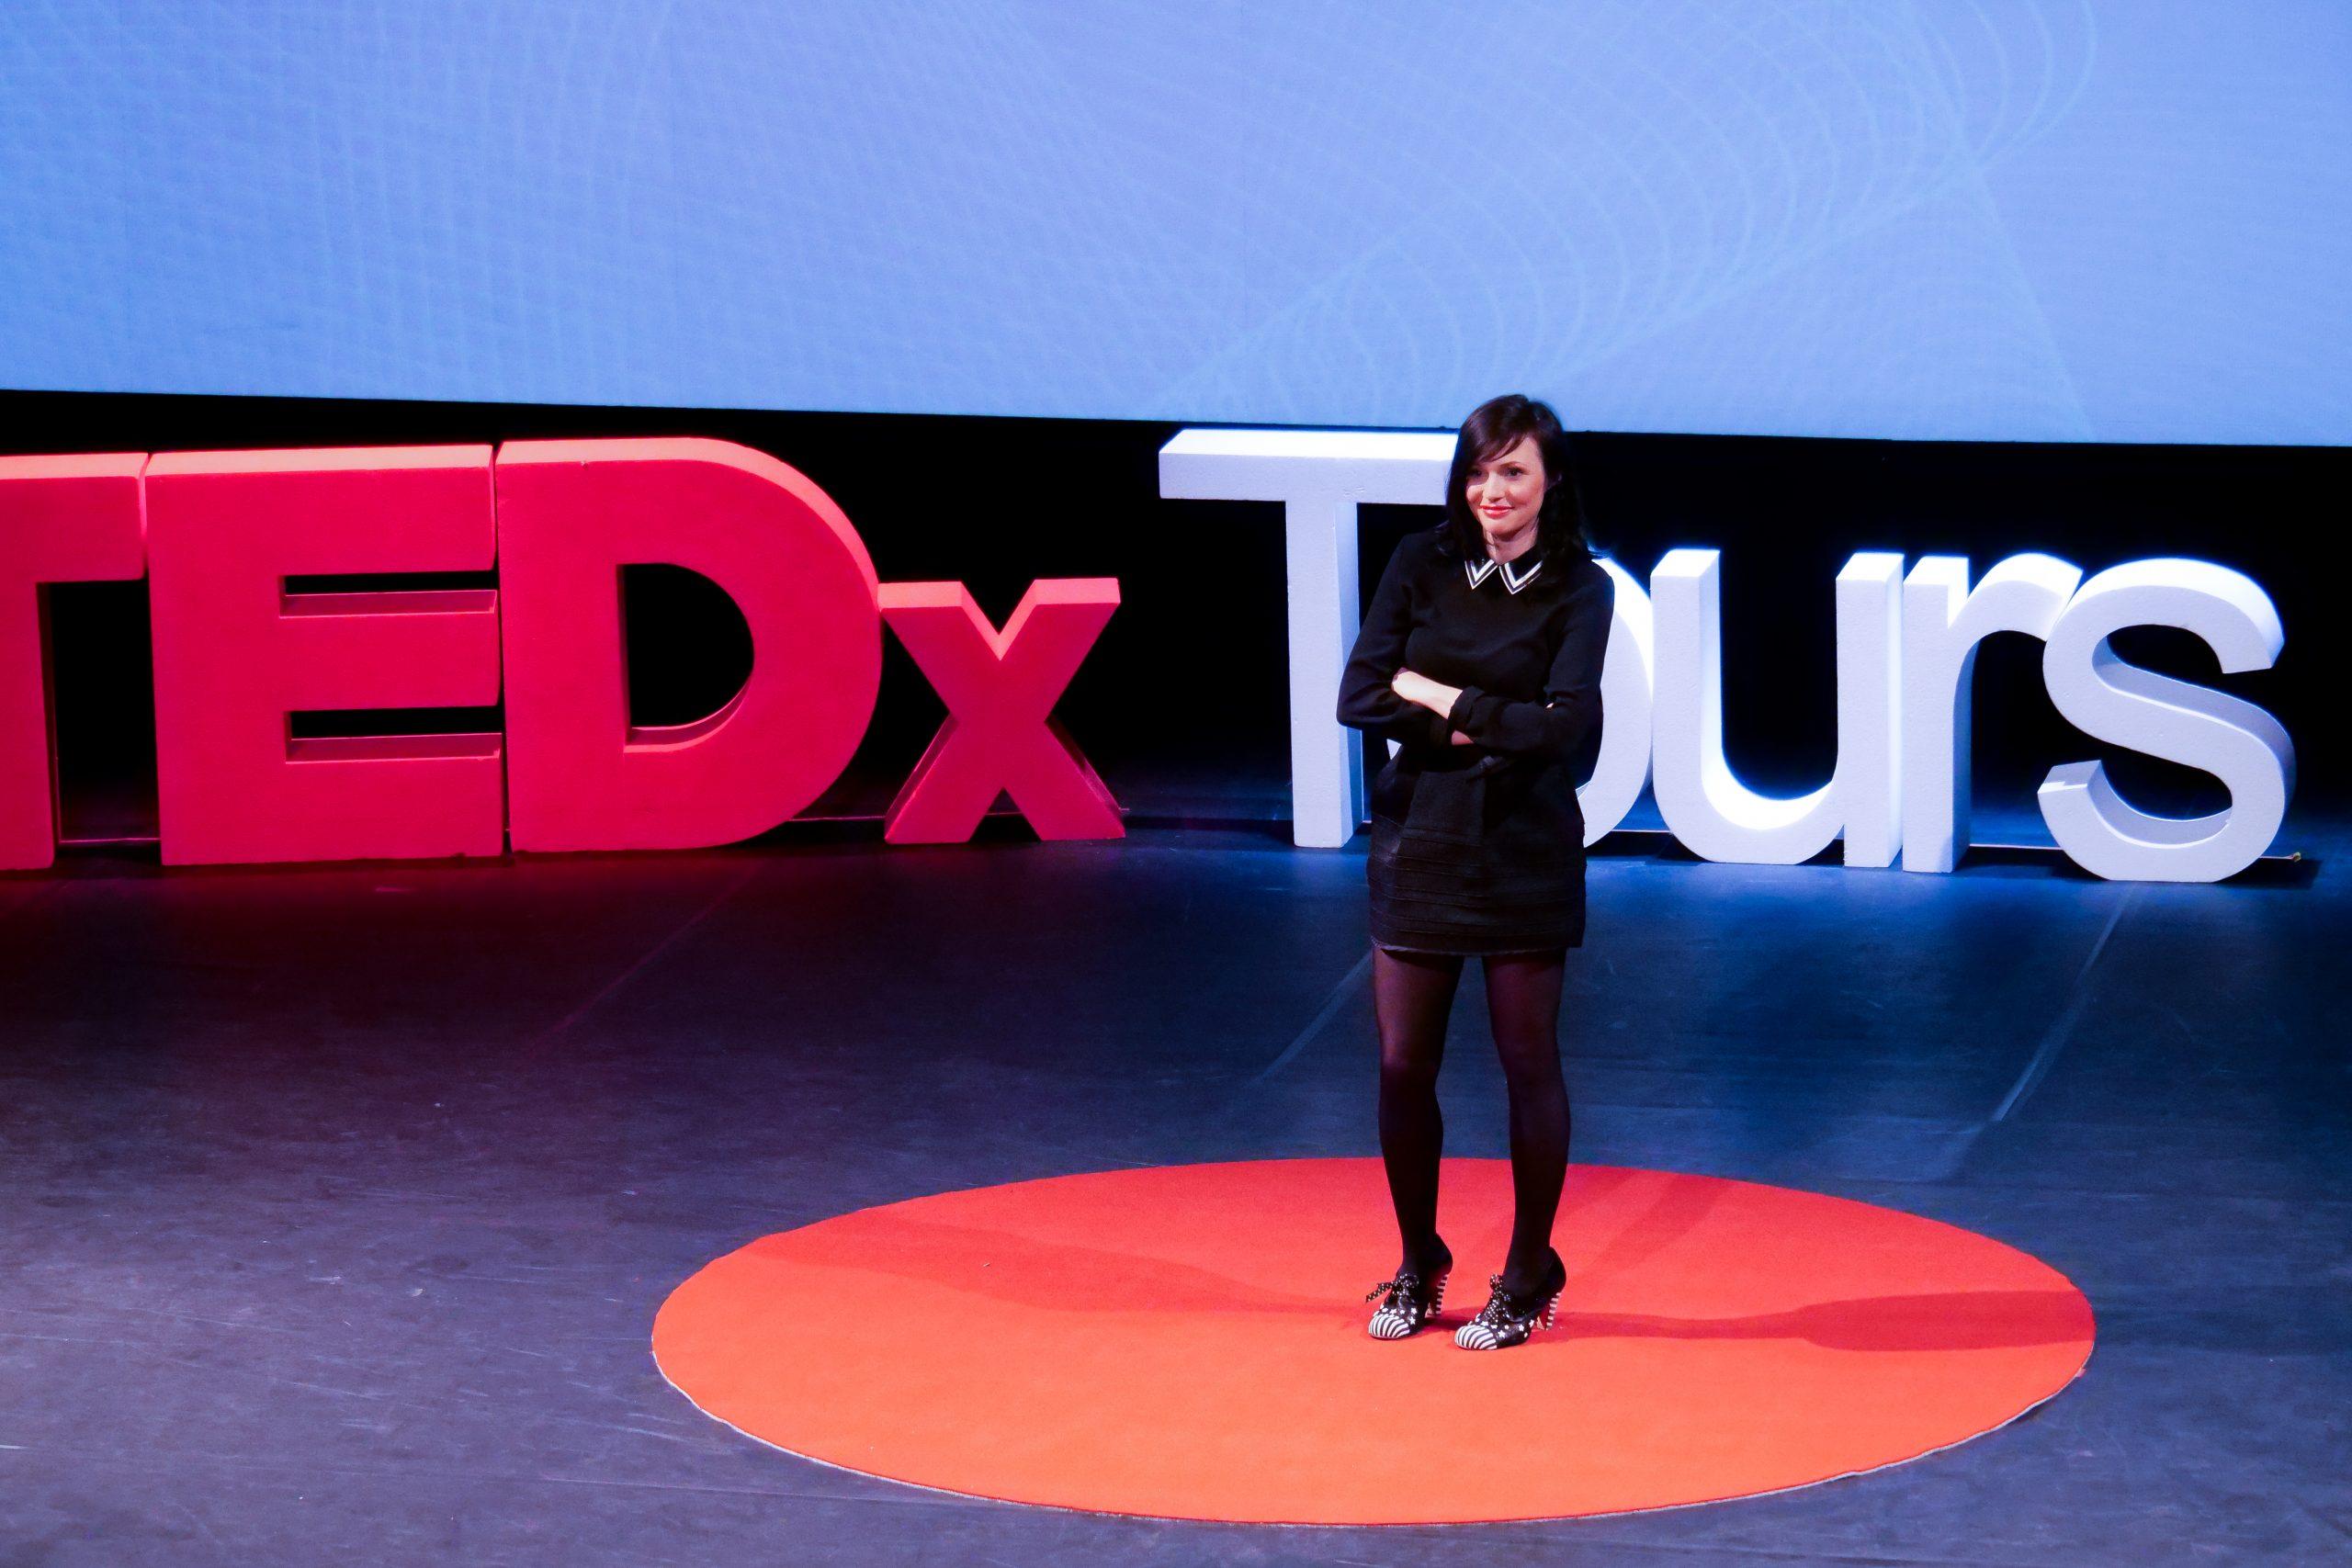 TEDxTours 2018 12